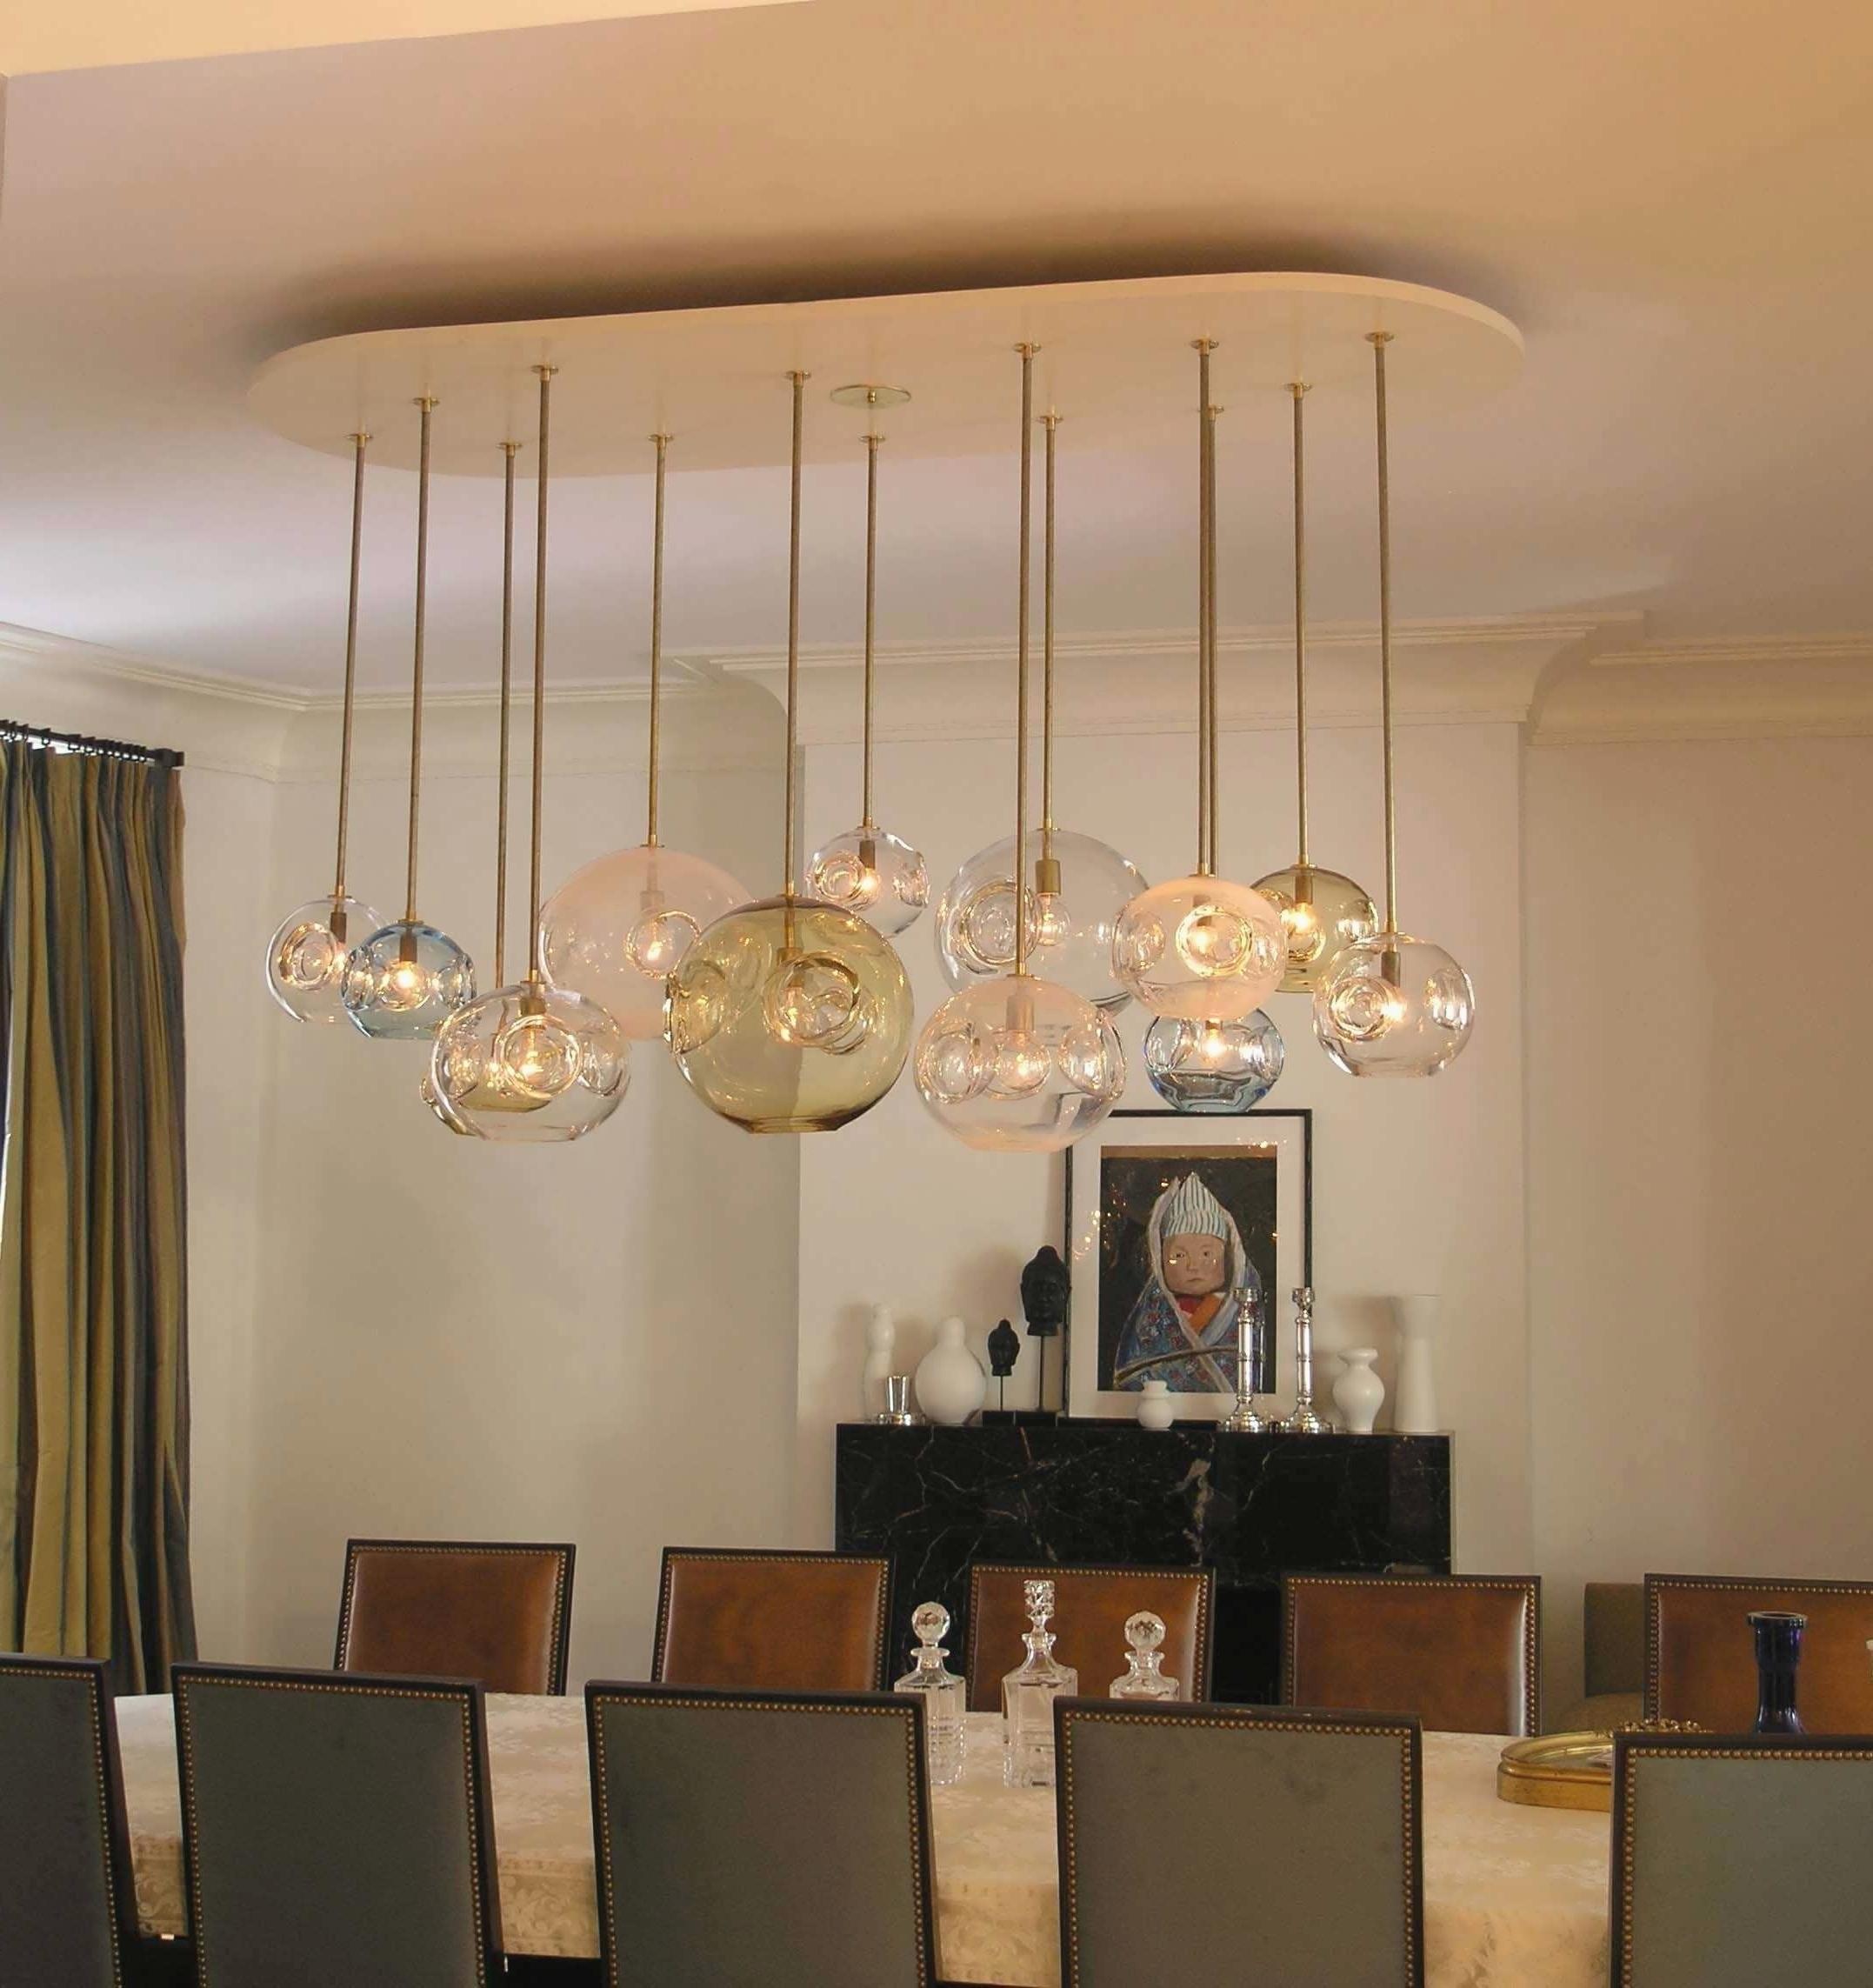 2018 Trendy Chandeliers Regarding Trendy Dining Room Chandeliers Trendy Modern Dining Room Lamps (View 2 of 20)